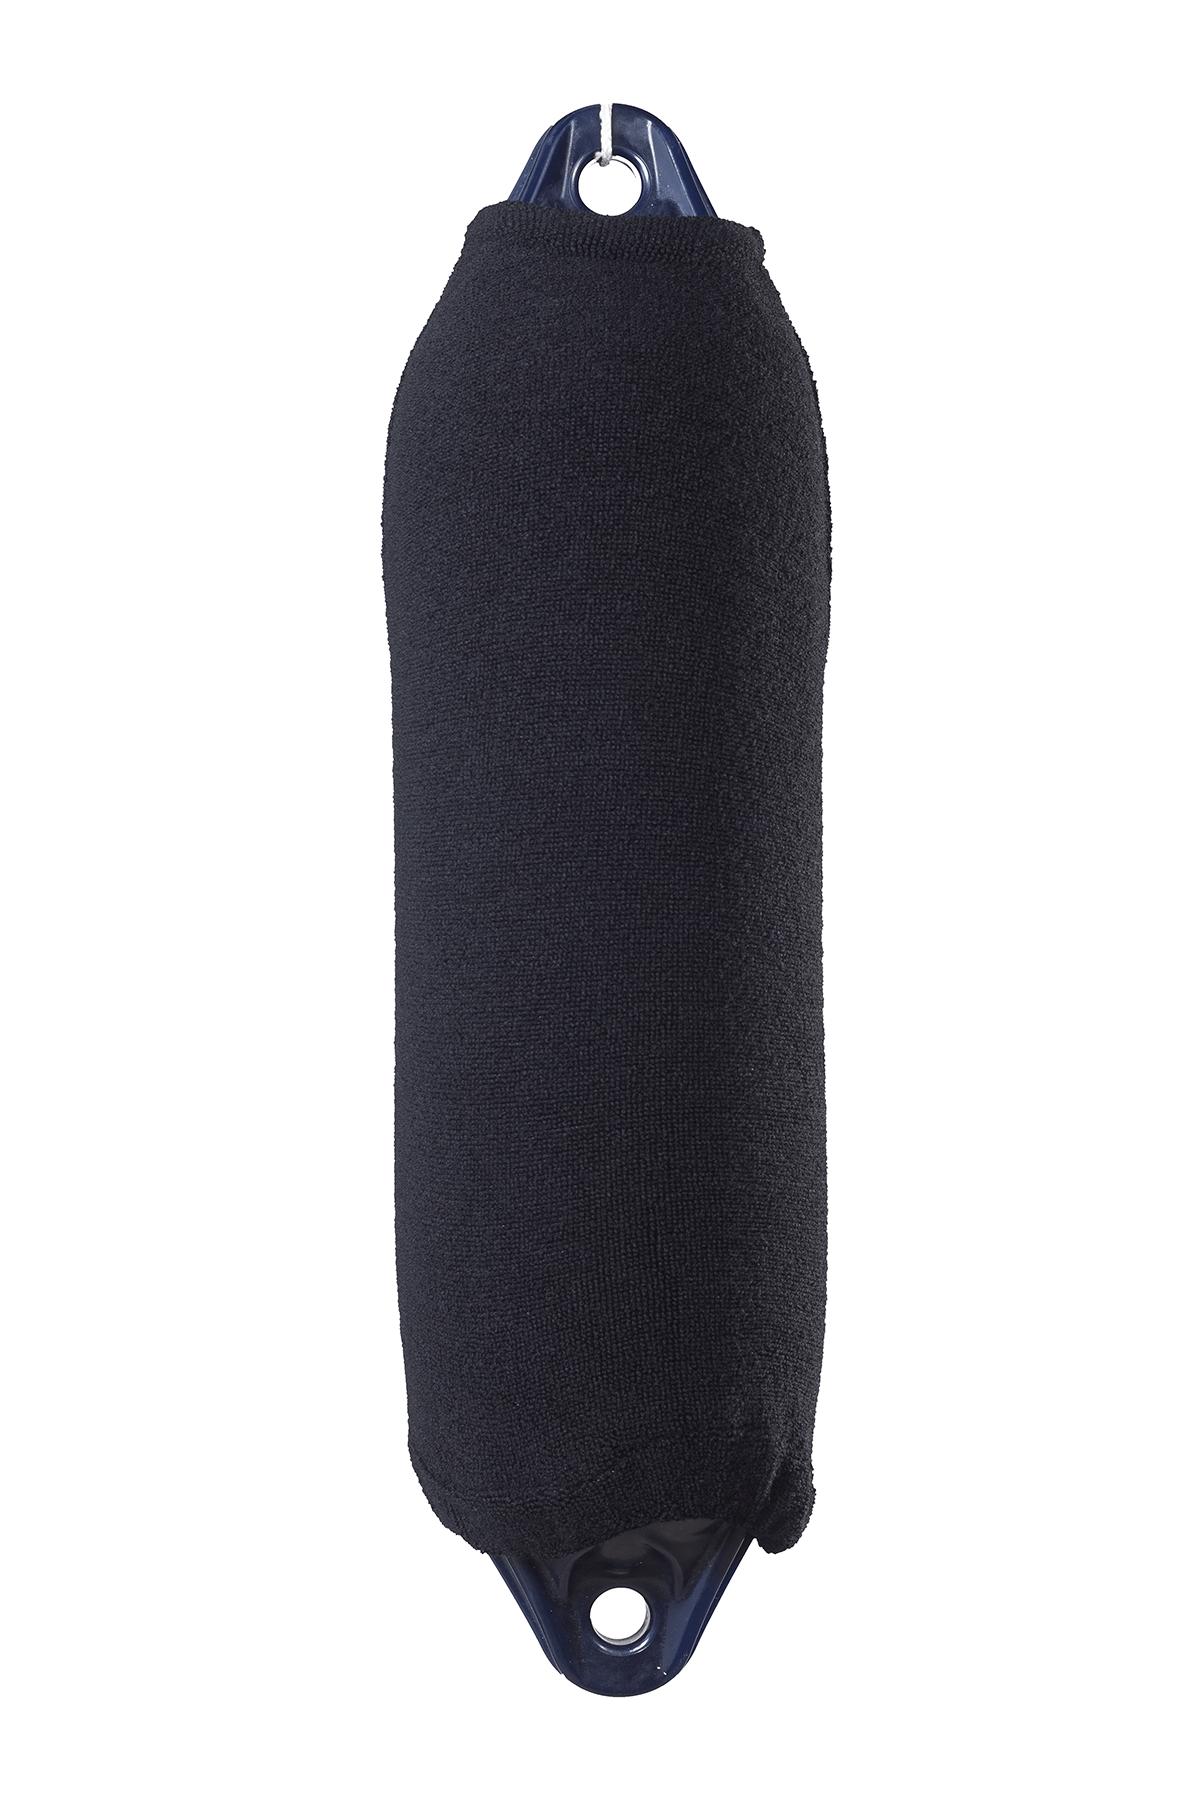 46.88 - Καλύμματα Μακρόστενων Μπαλονιών 107cm Χρώματος Μαύρου - Σετ Των 2 Τεμαχίων